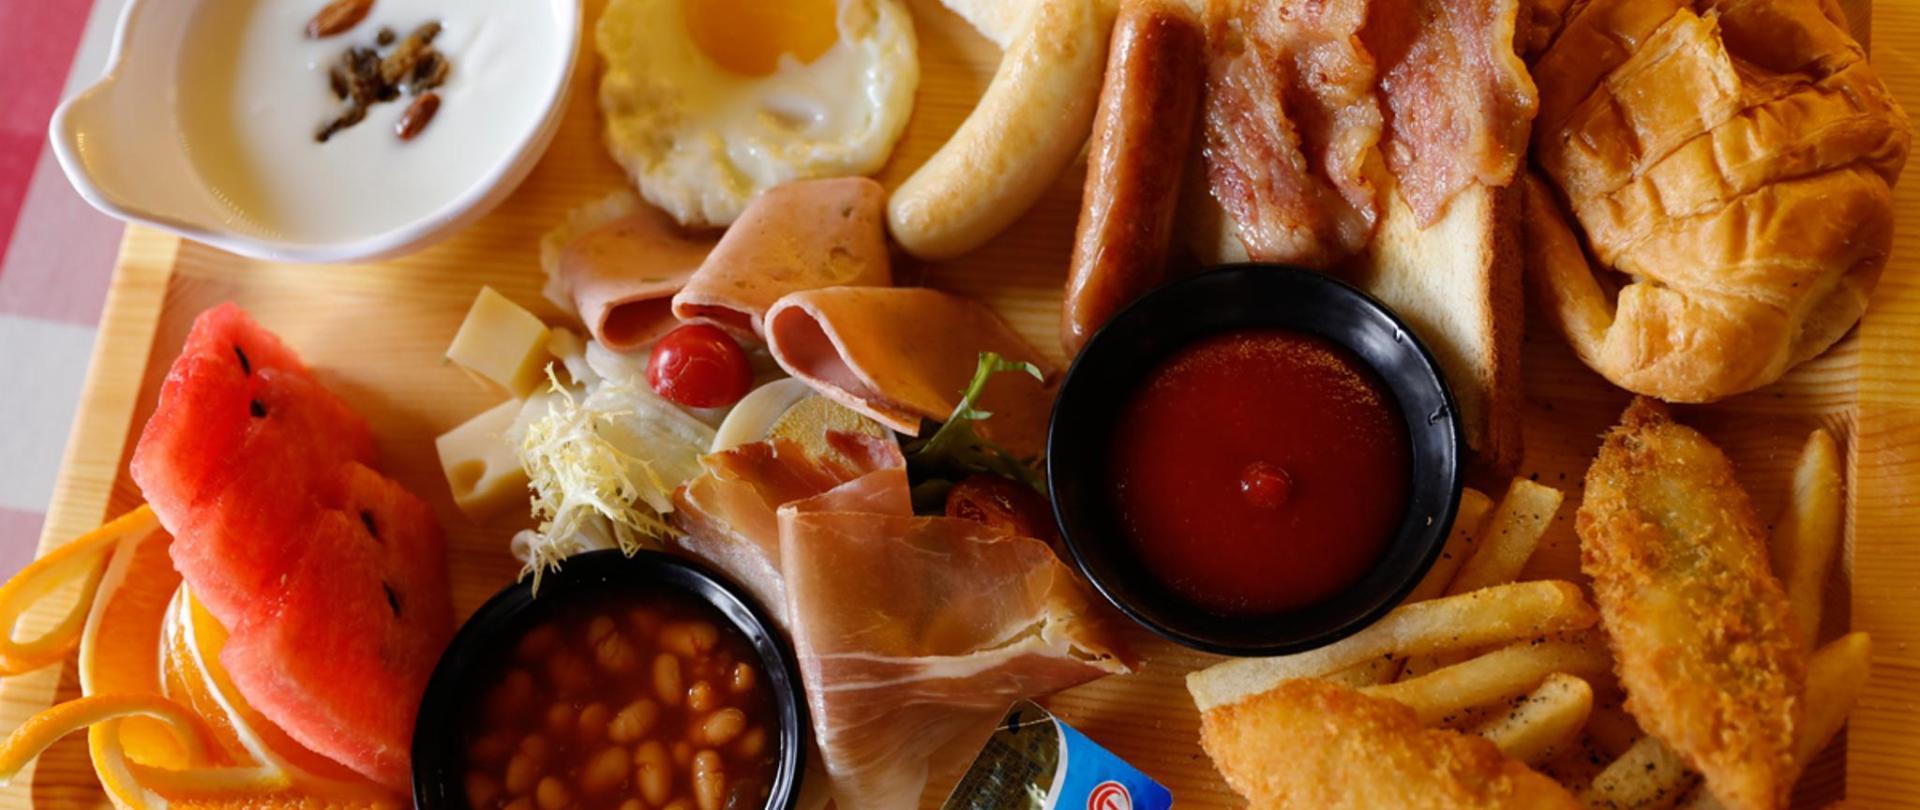 早餐 1200x900.jpg